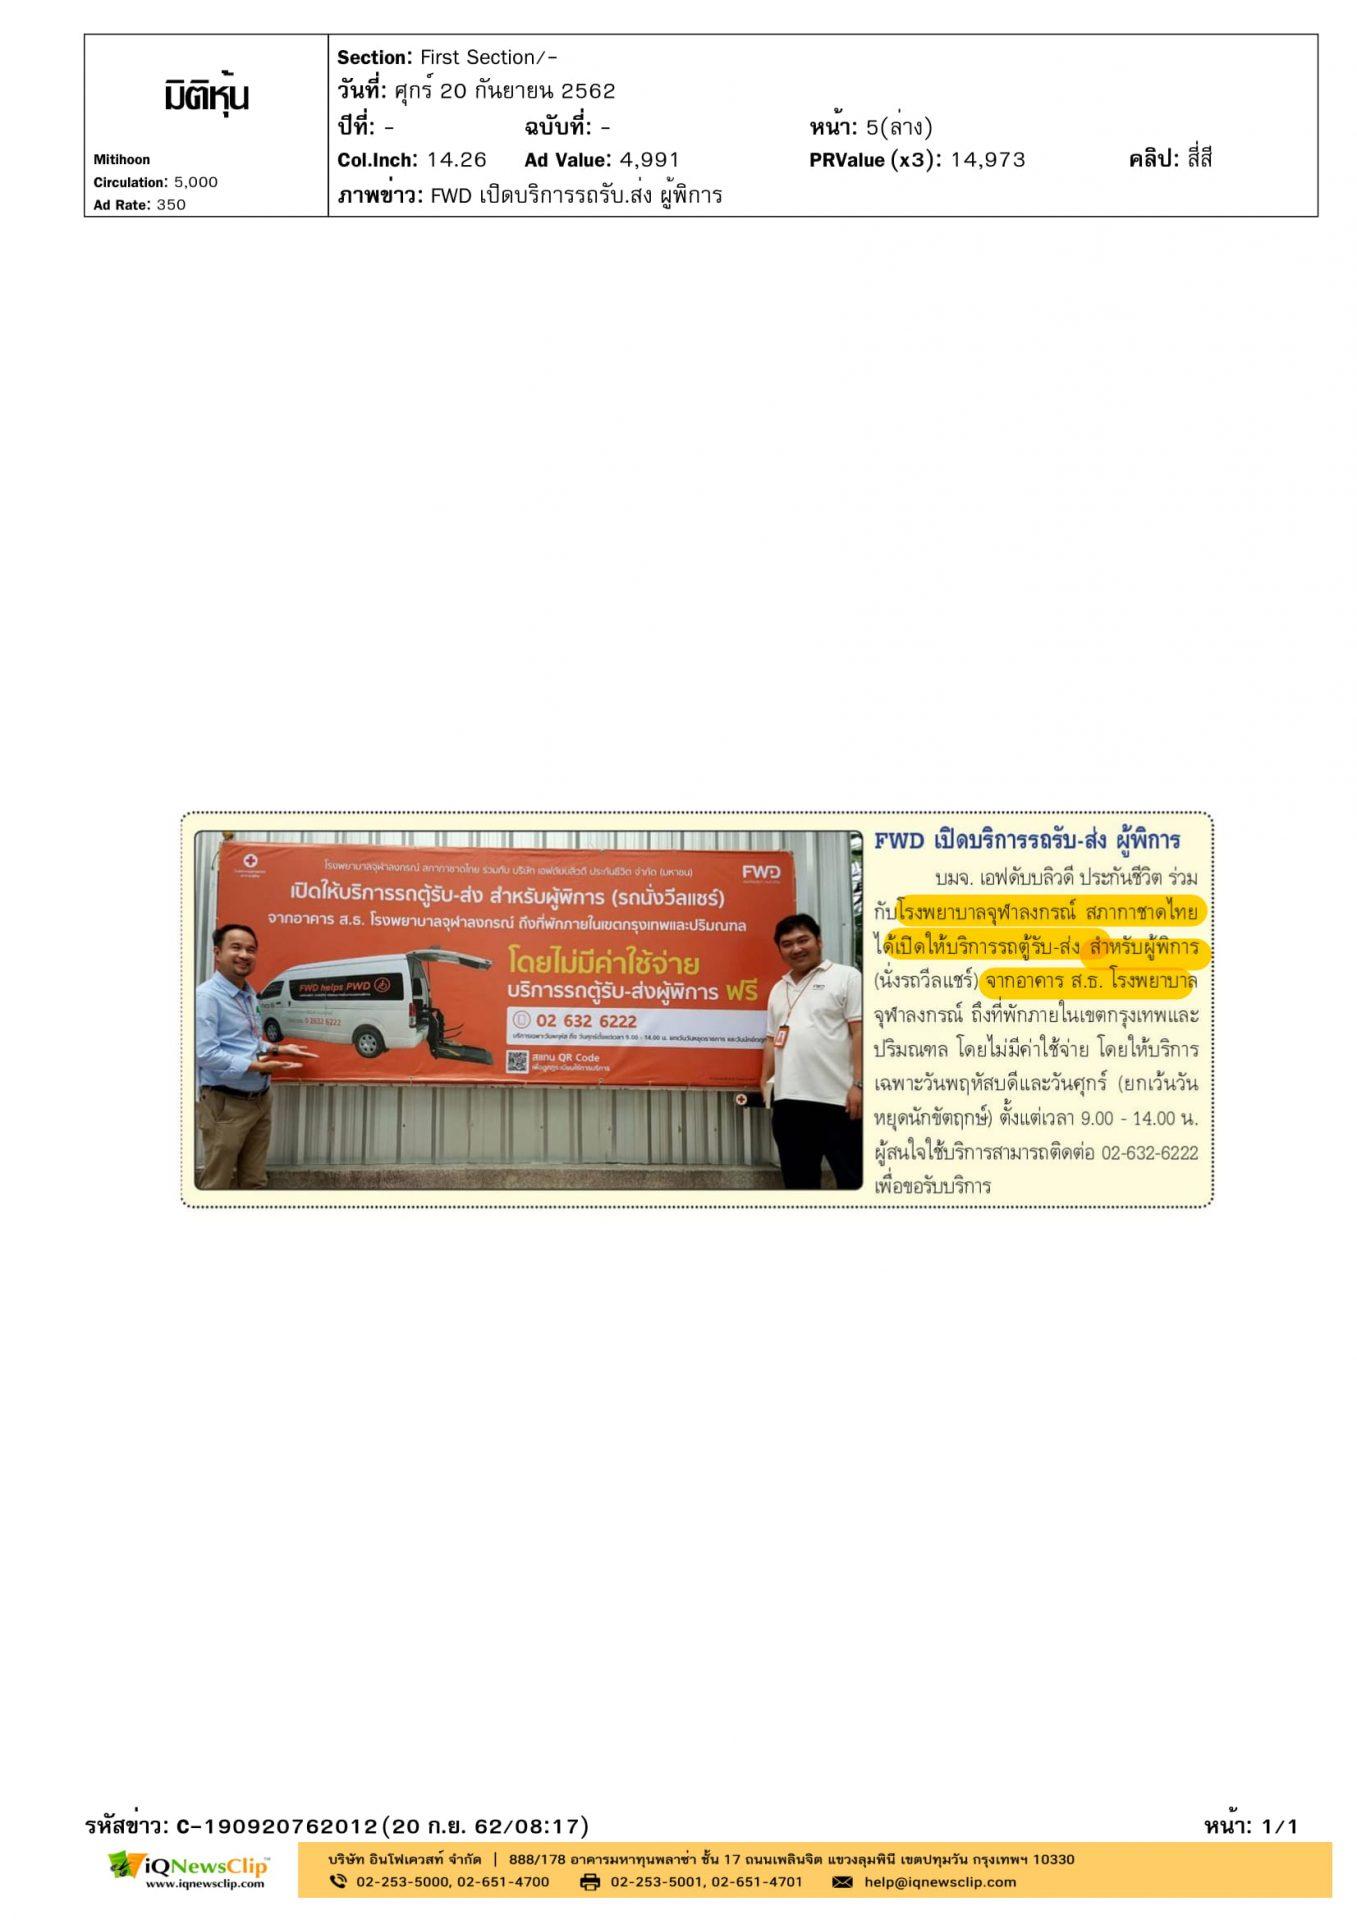 รพ.จุฬาฯ เปิดบริการรถตู้รับ-ส่งสำหรับผู้พิการ